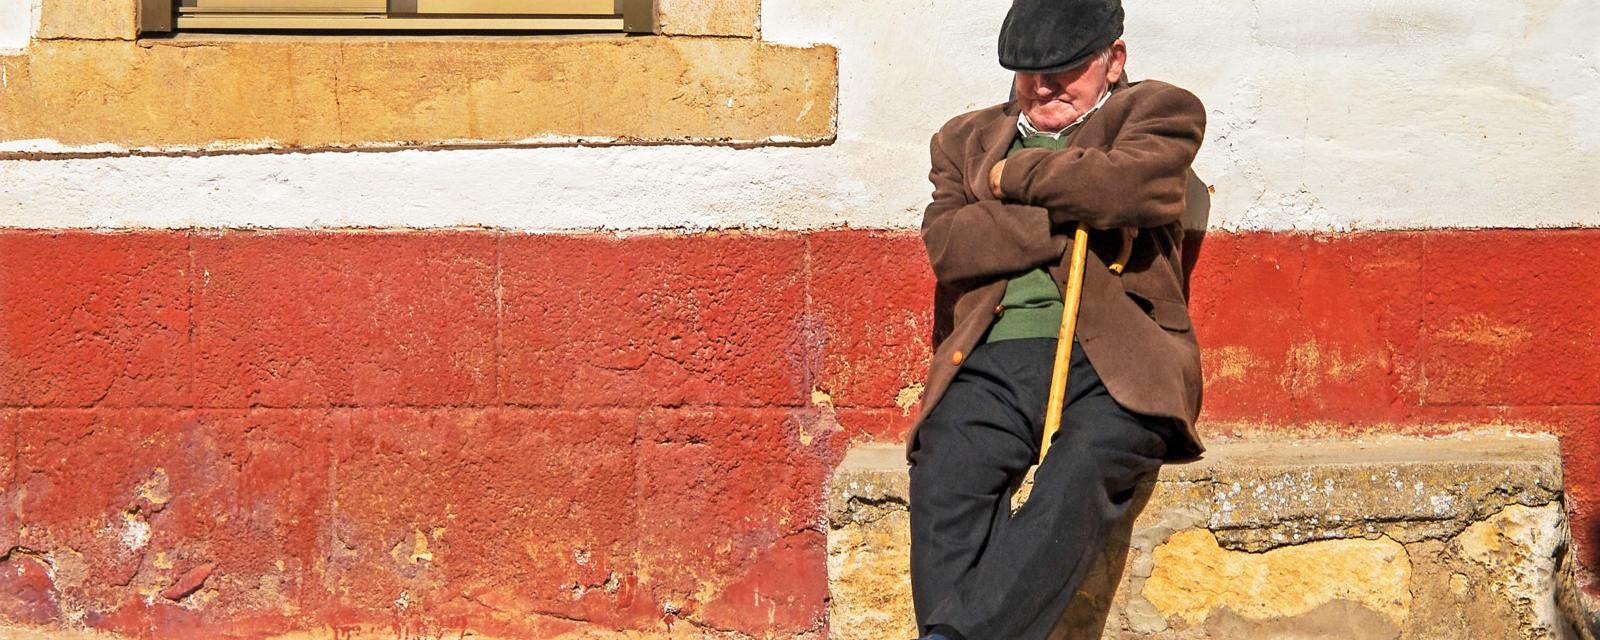 Siesta Spain.jpg